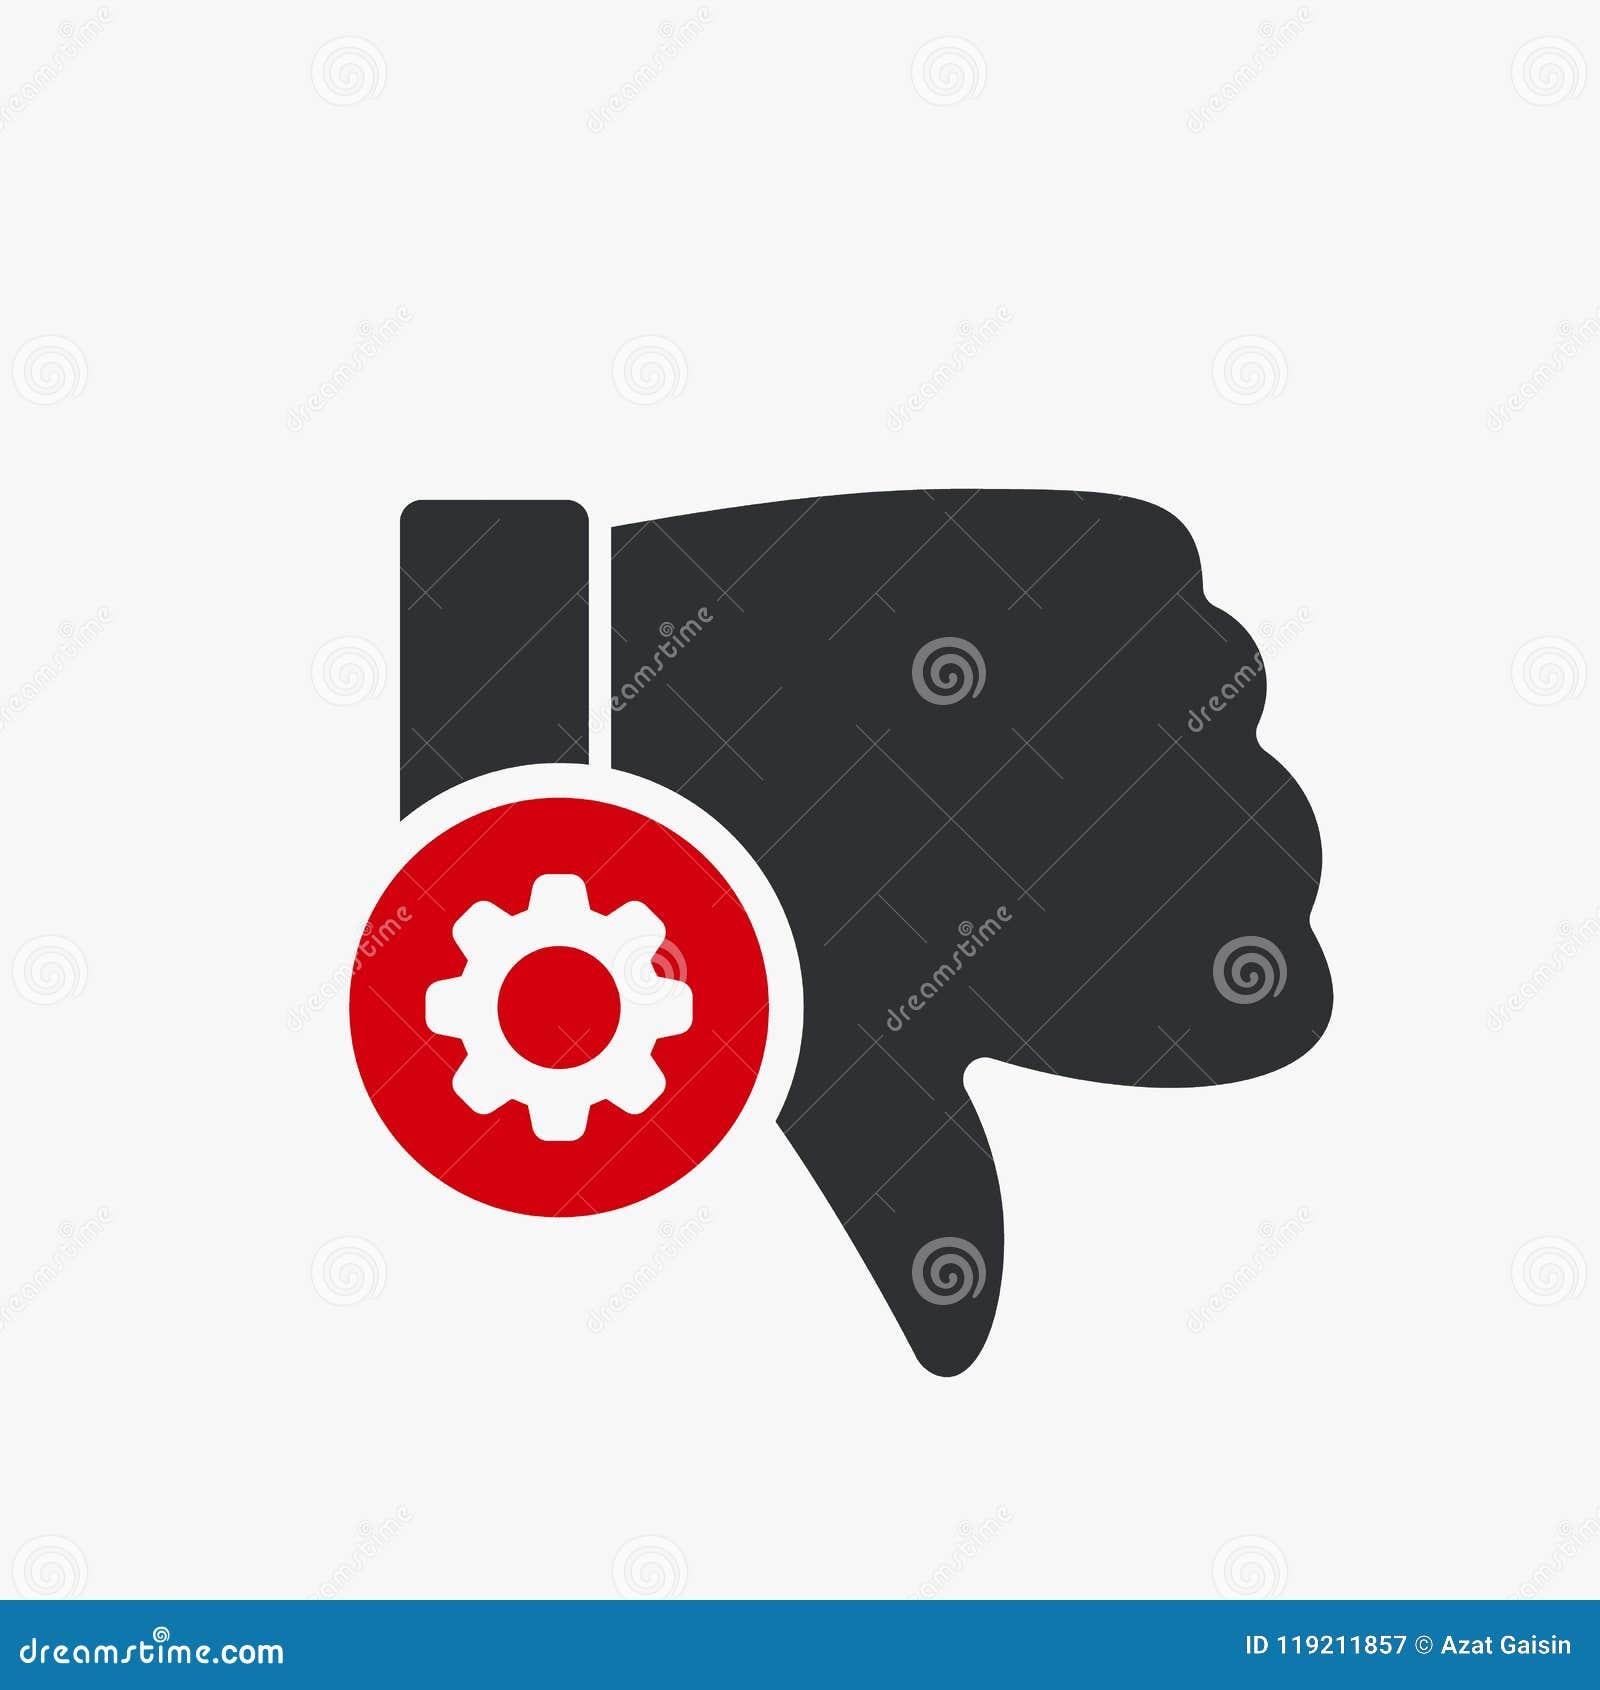 Afkeerpictogram, gebarenpictogram met montagesteken Het afkeerpictogram en past, opstelling, leidt, verwerkt symbool aan